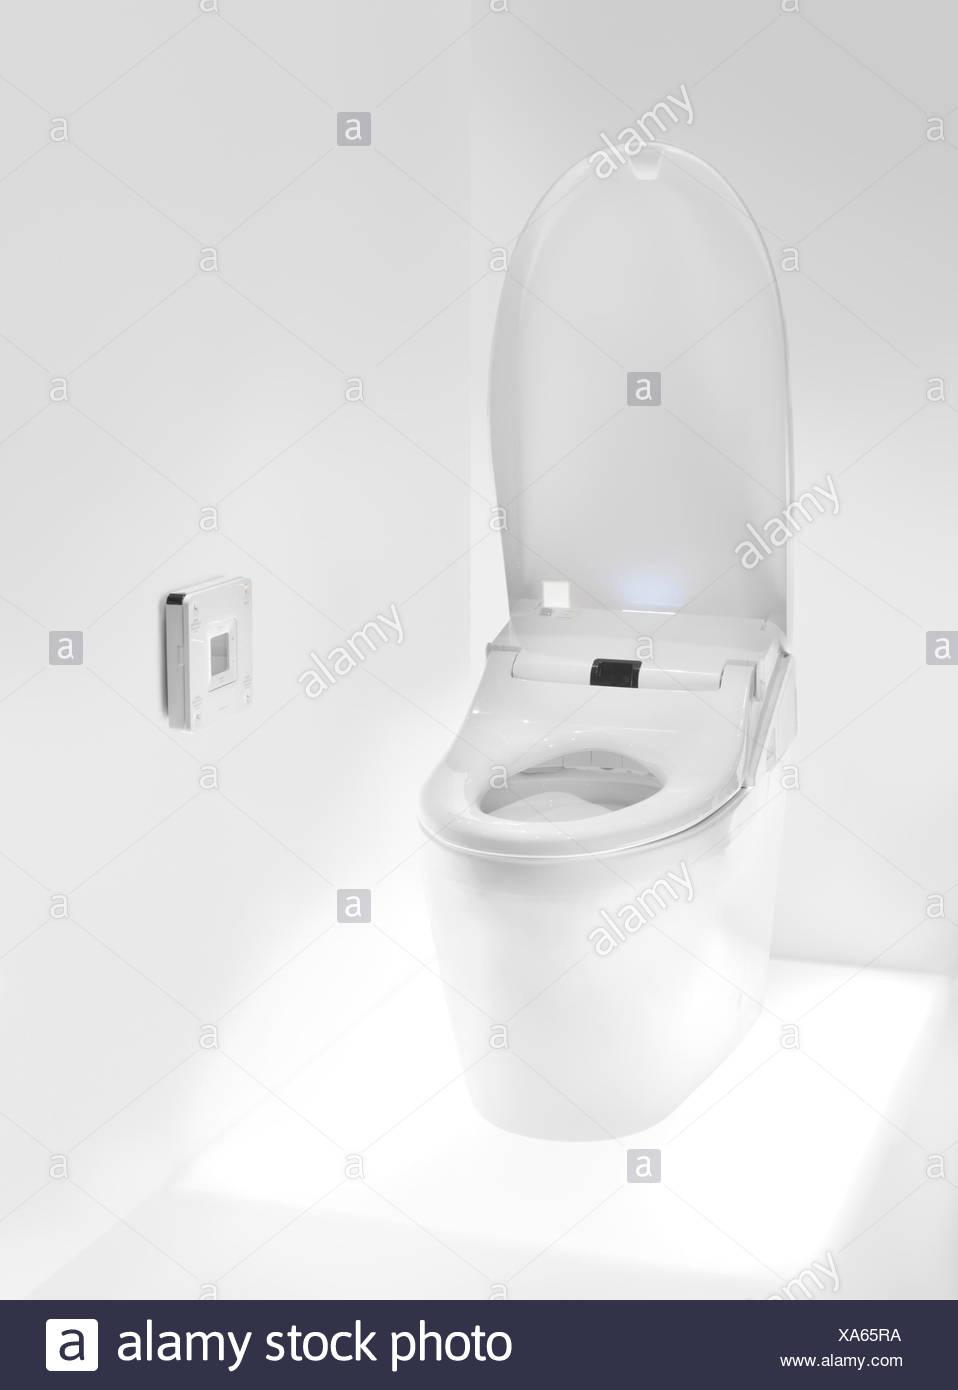 Toilettes avec Washlet Toto, siège toilettes high-tech avec une télécommande Photo Stock